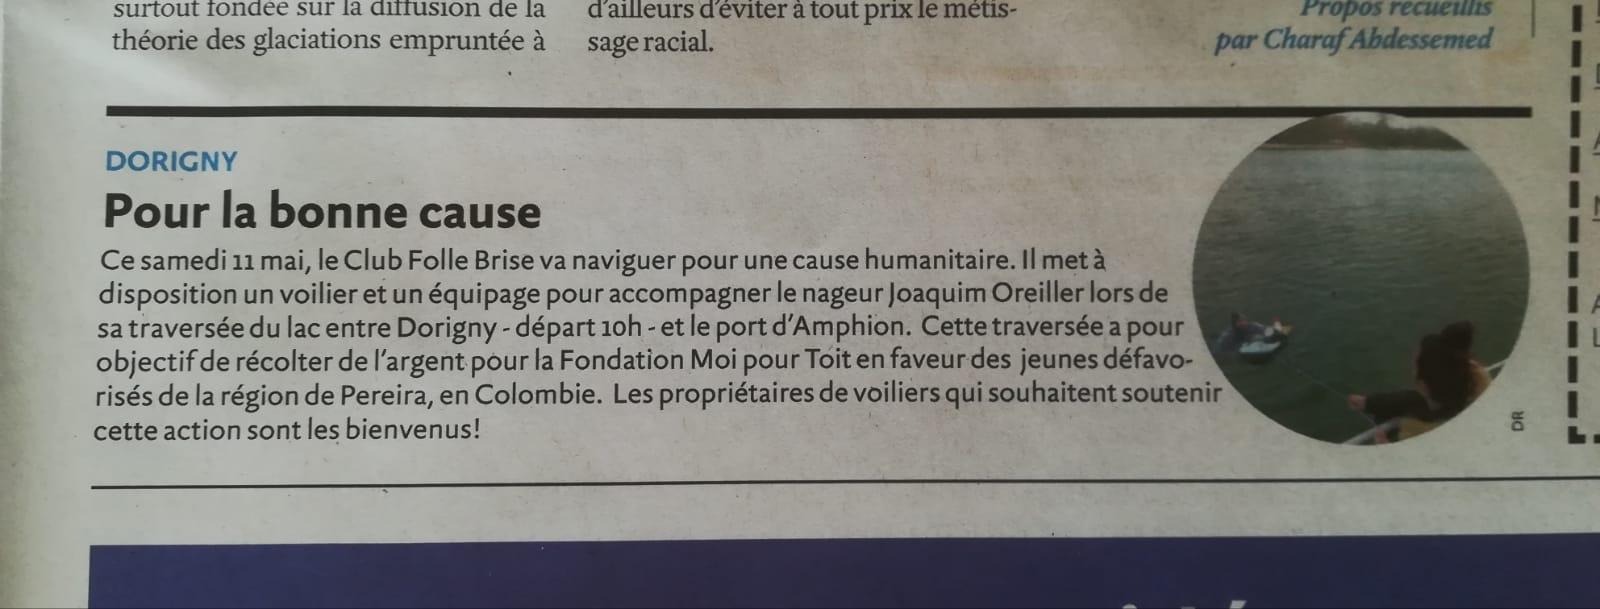 Lausanne-Cité-2019-05-09